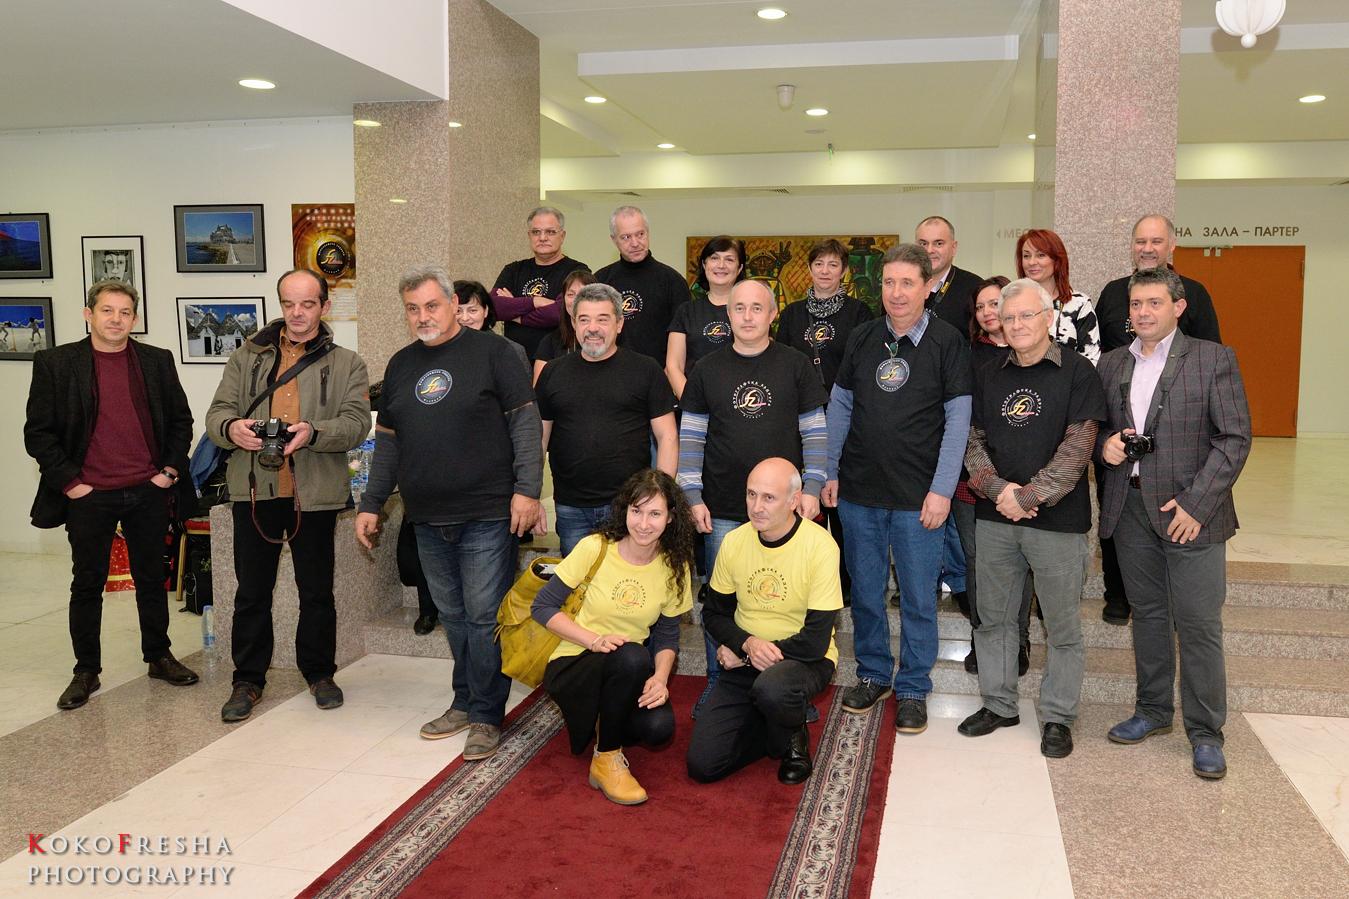 Фотографска задруга Пловдив - официално откриване на годишната изложба